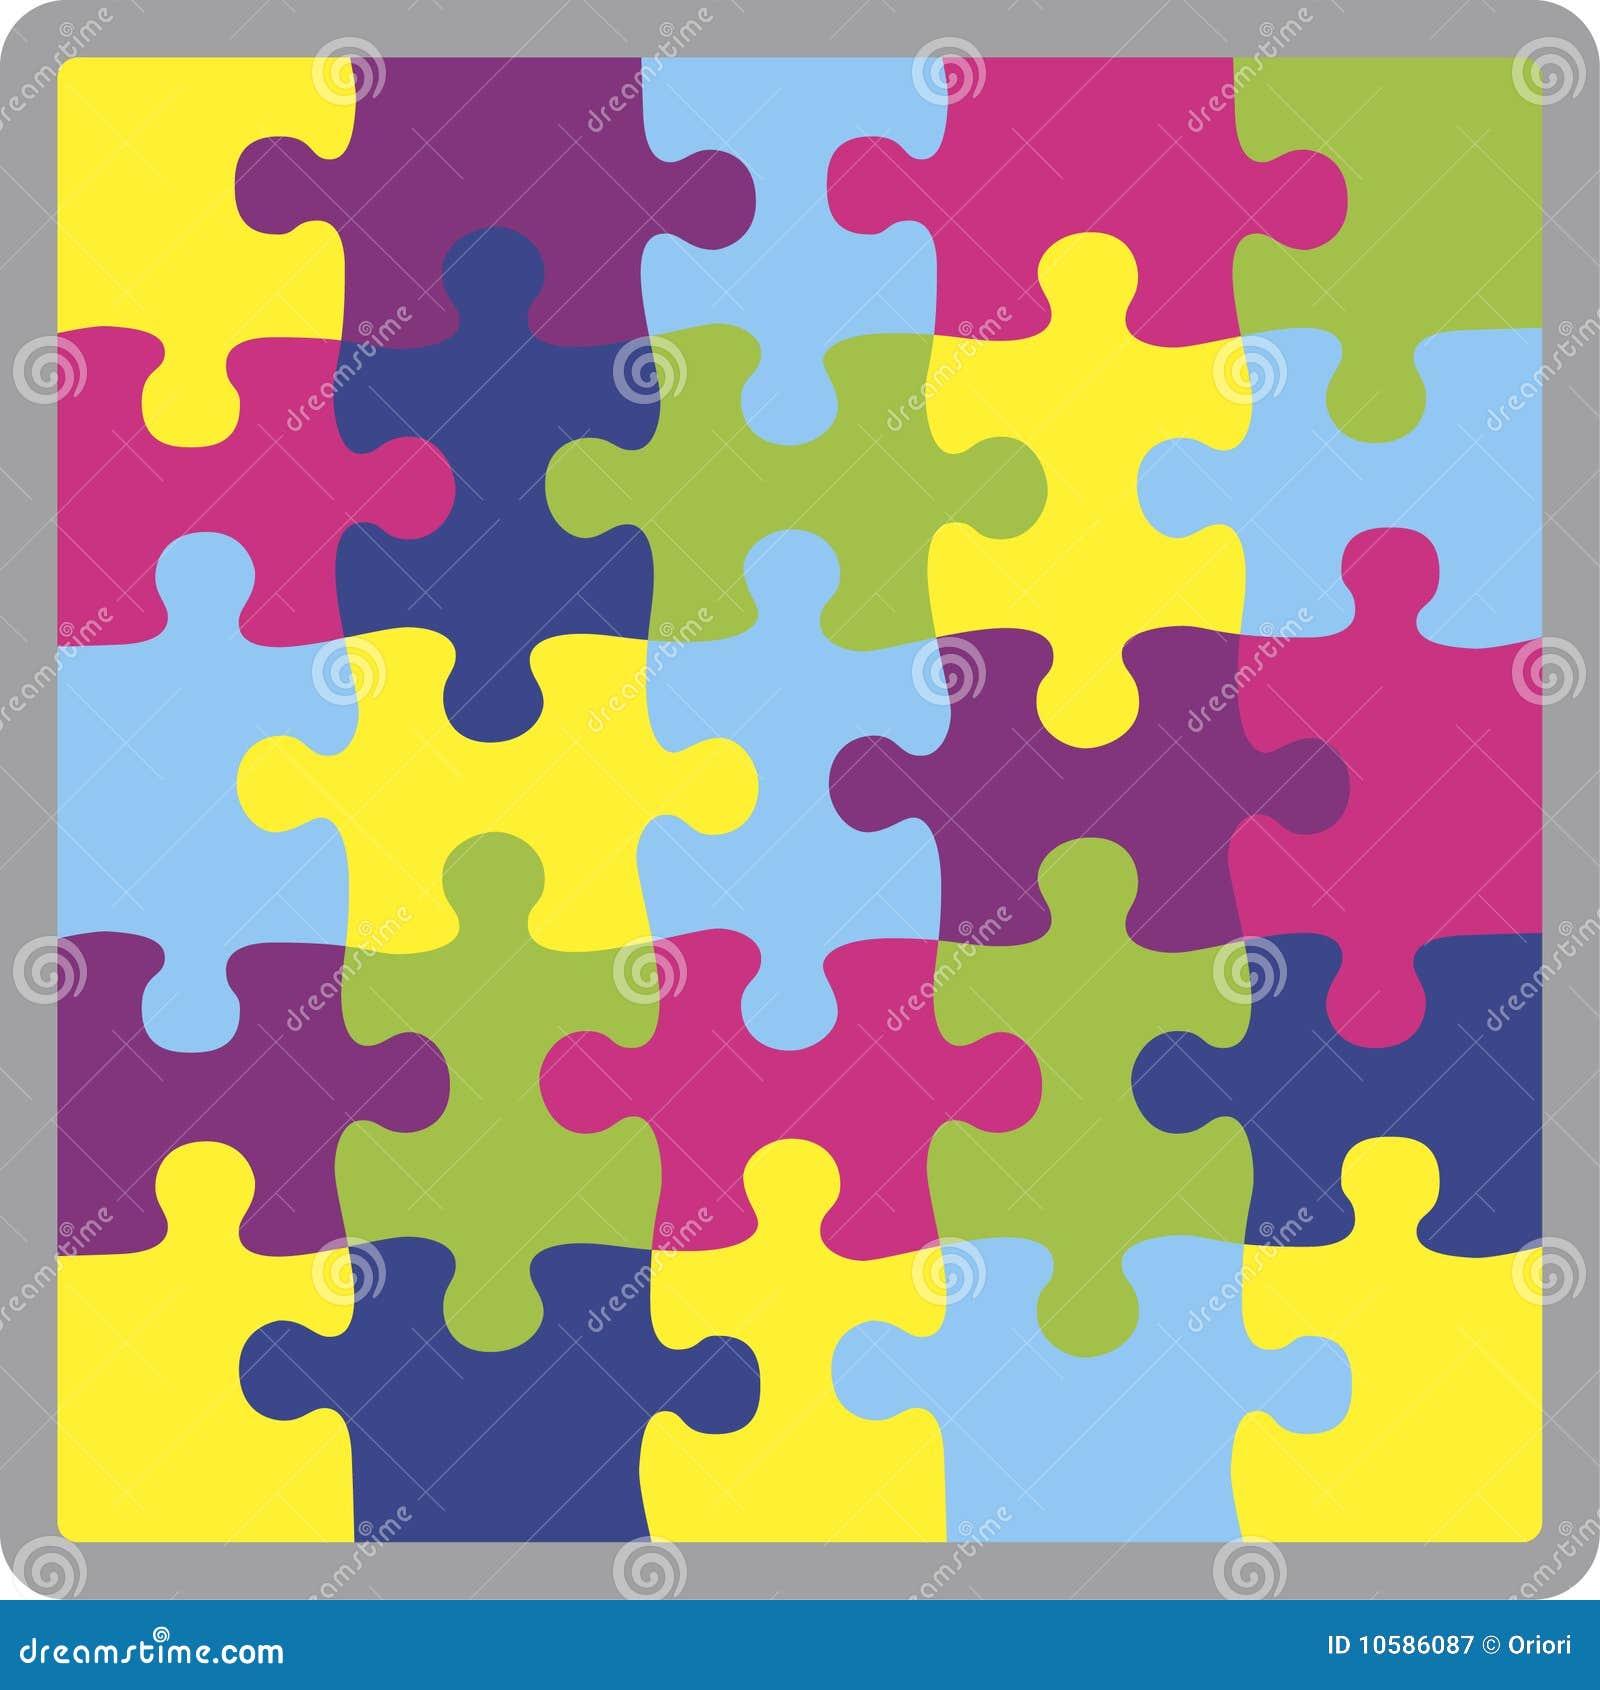 Puzzle Shape Royalty Free Stock Photography - Image: 10586087